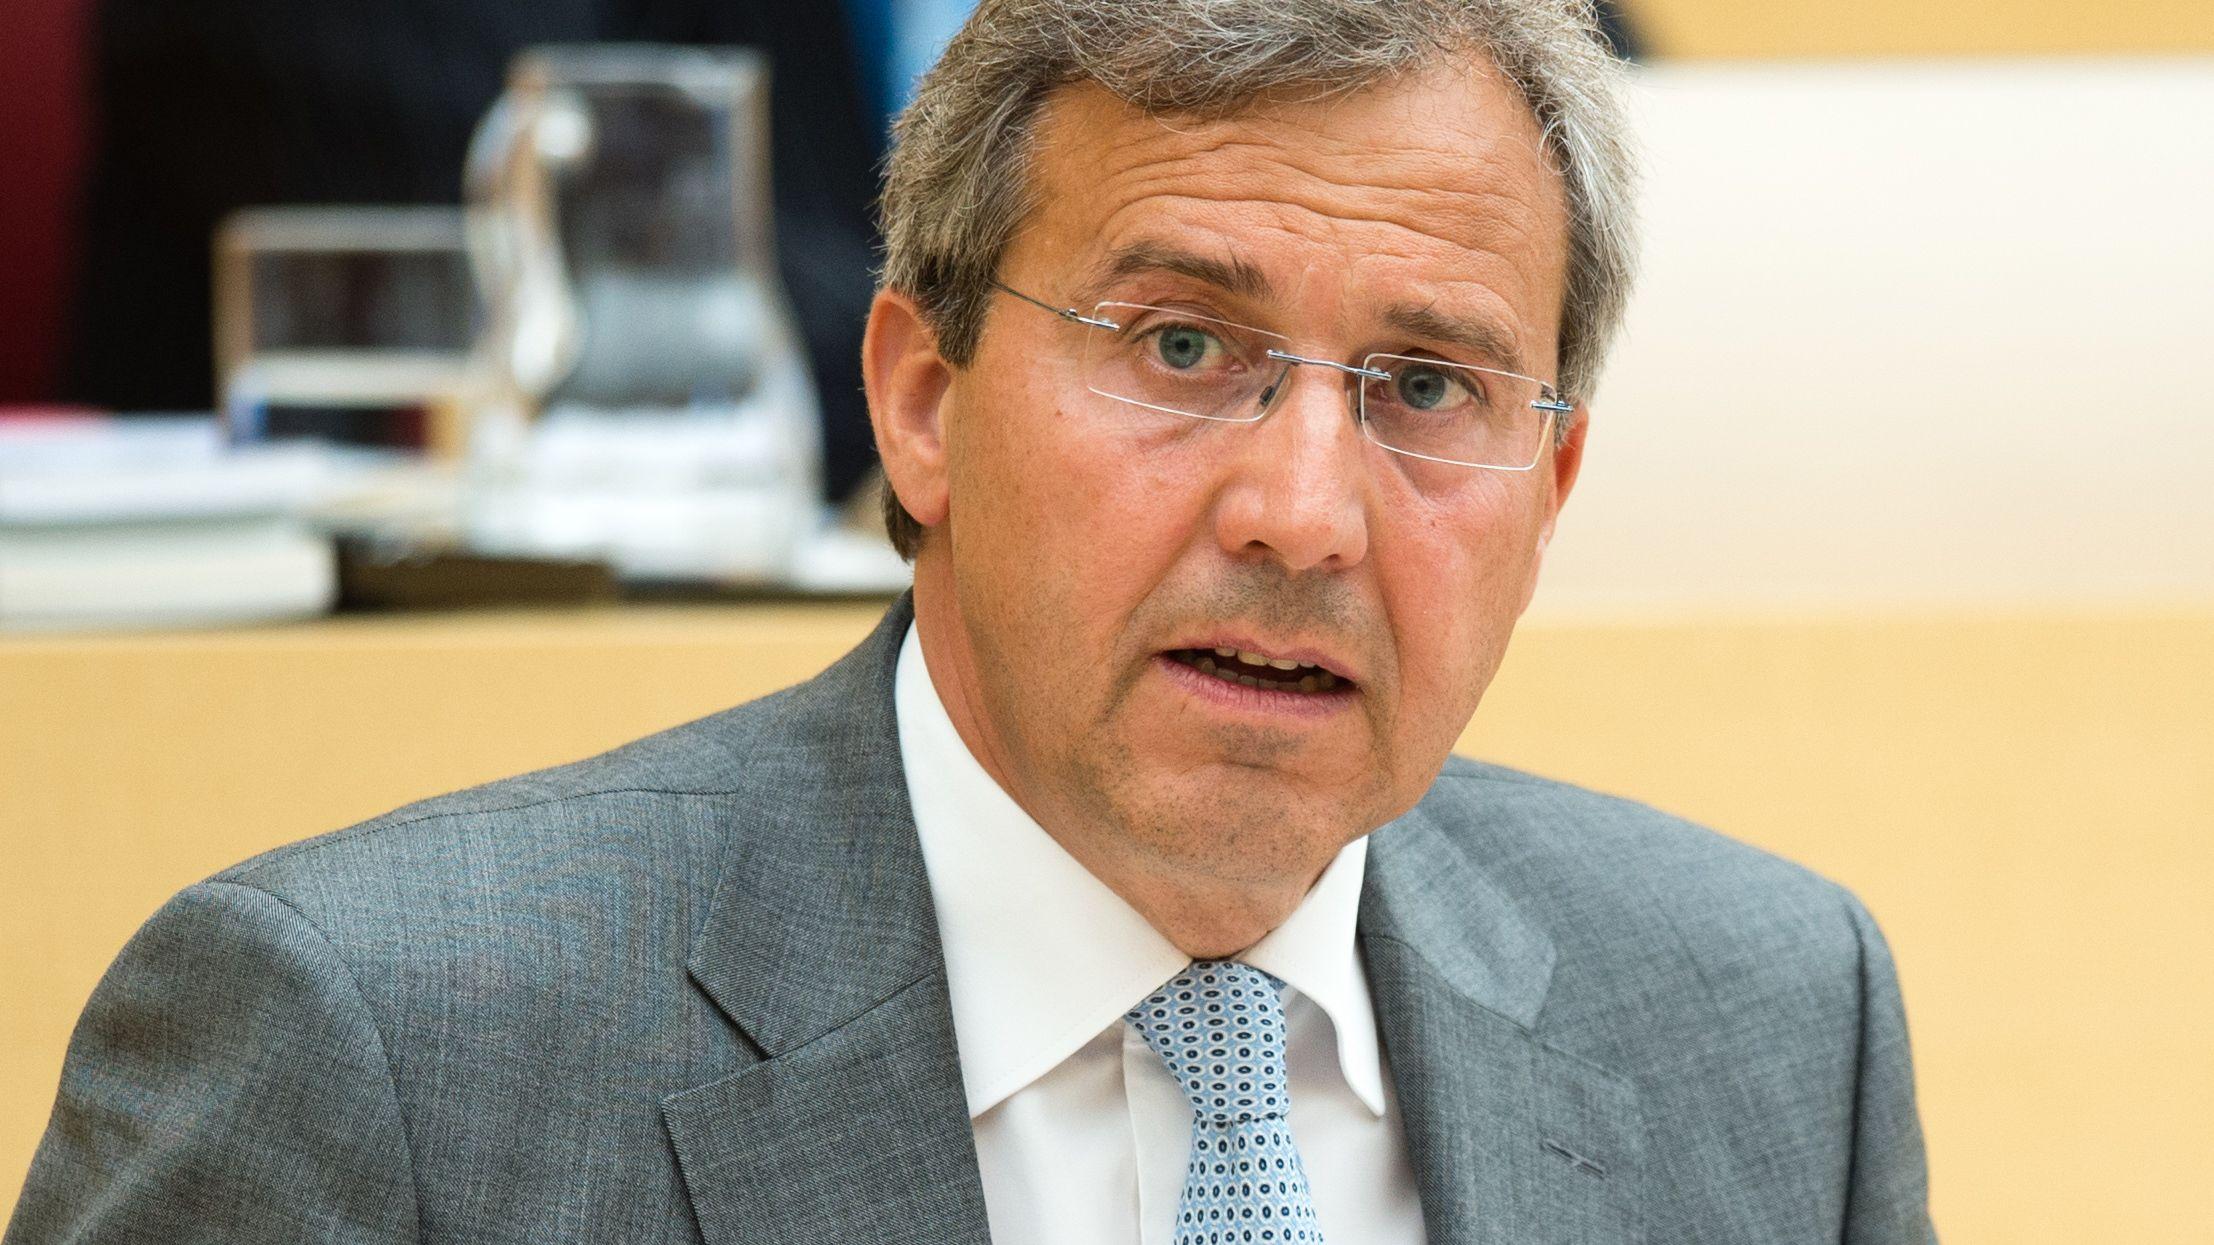 Franz Rieger während einer Plenarsitzung im Landtag